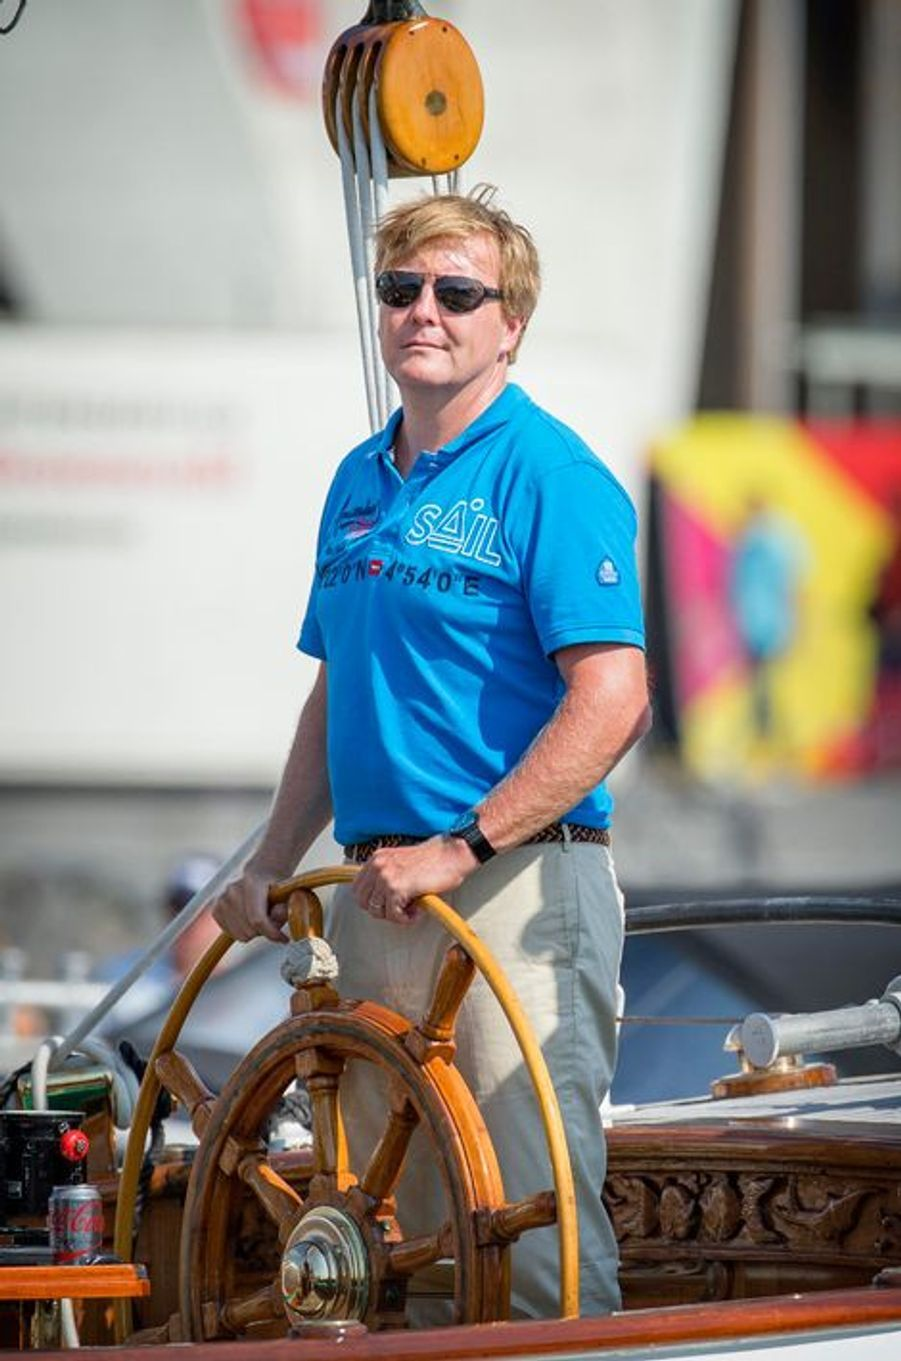 Le roi Willem-Alexander des Pays-Bas au Sail Amsterdam, le 22 août 2015